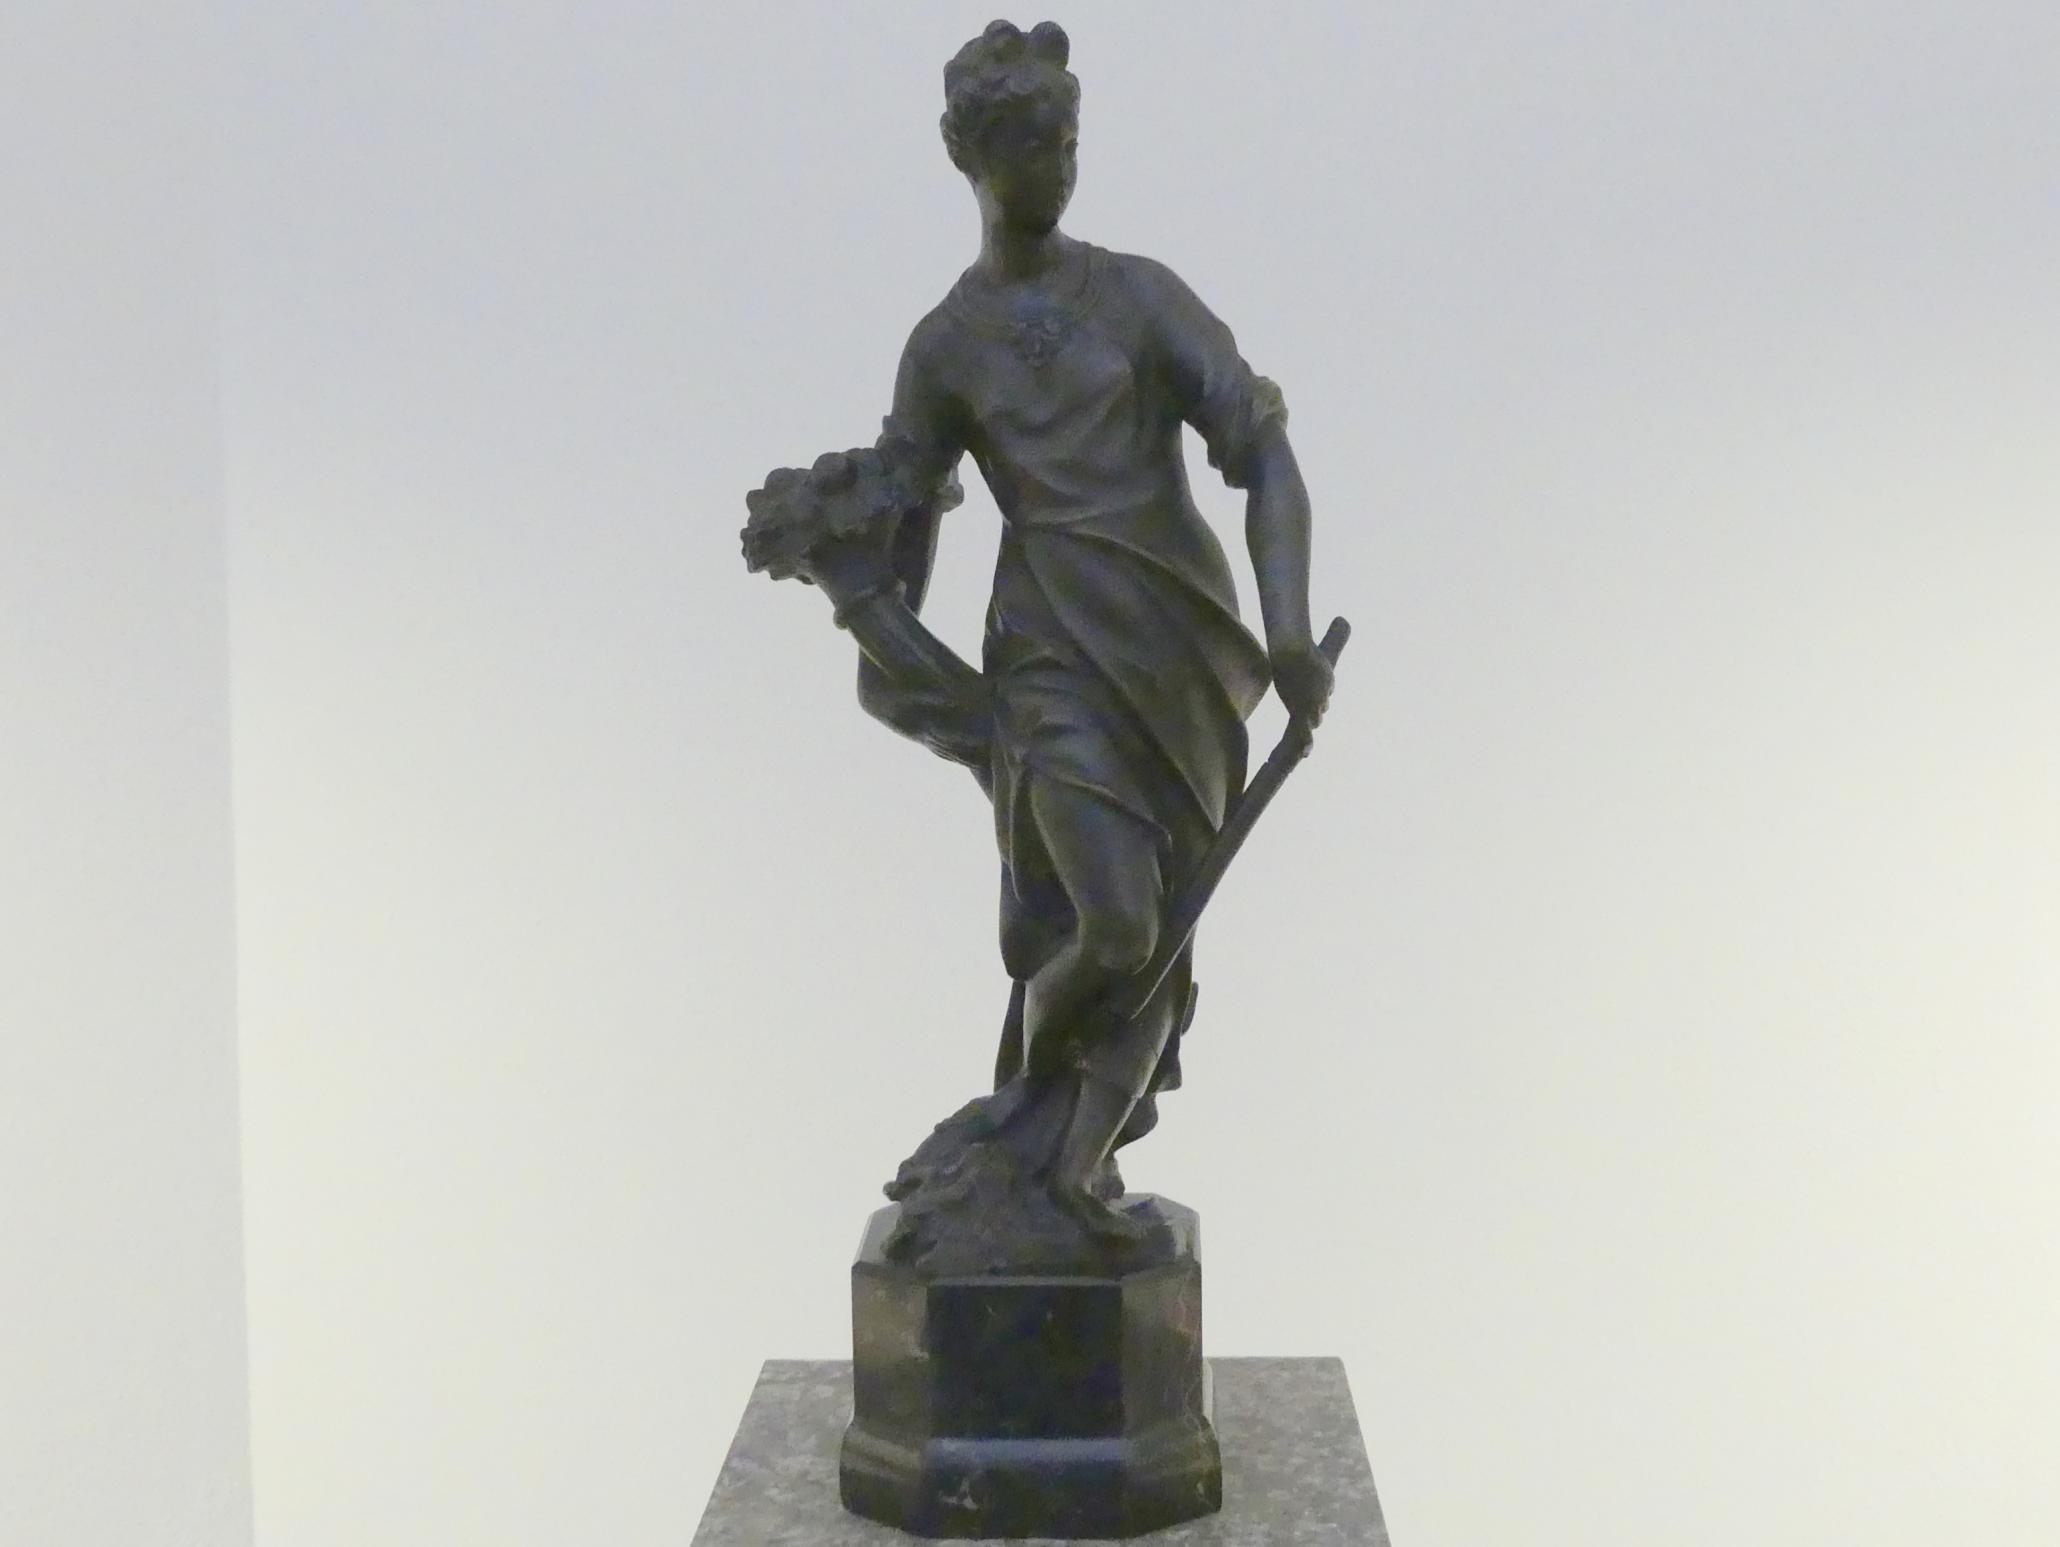 Girolamo Campagna (Nachfolger): Pax - Der Friede, Nach 1585